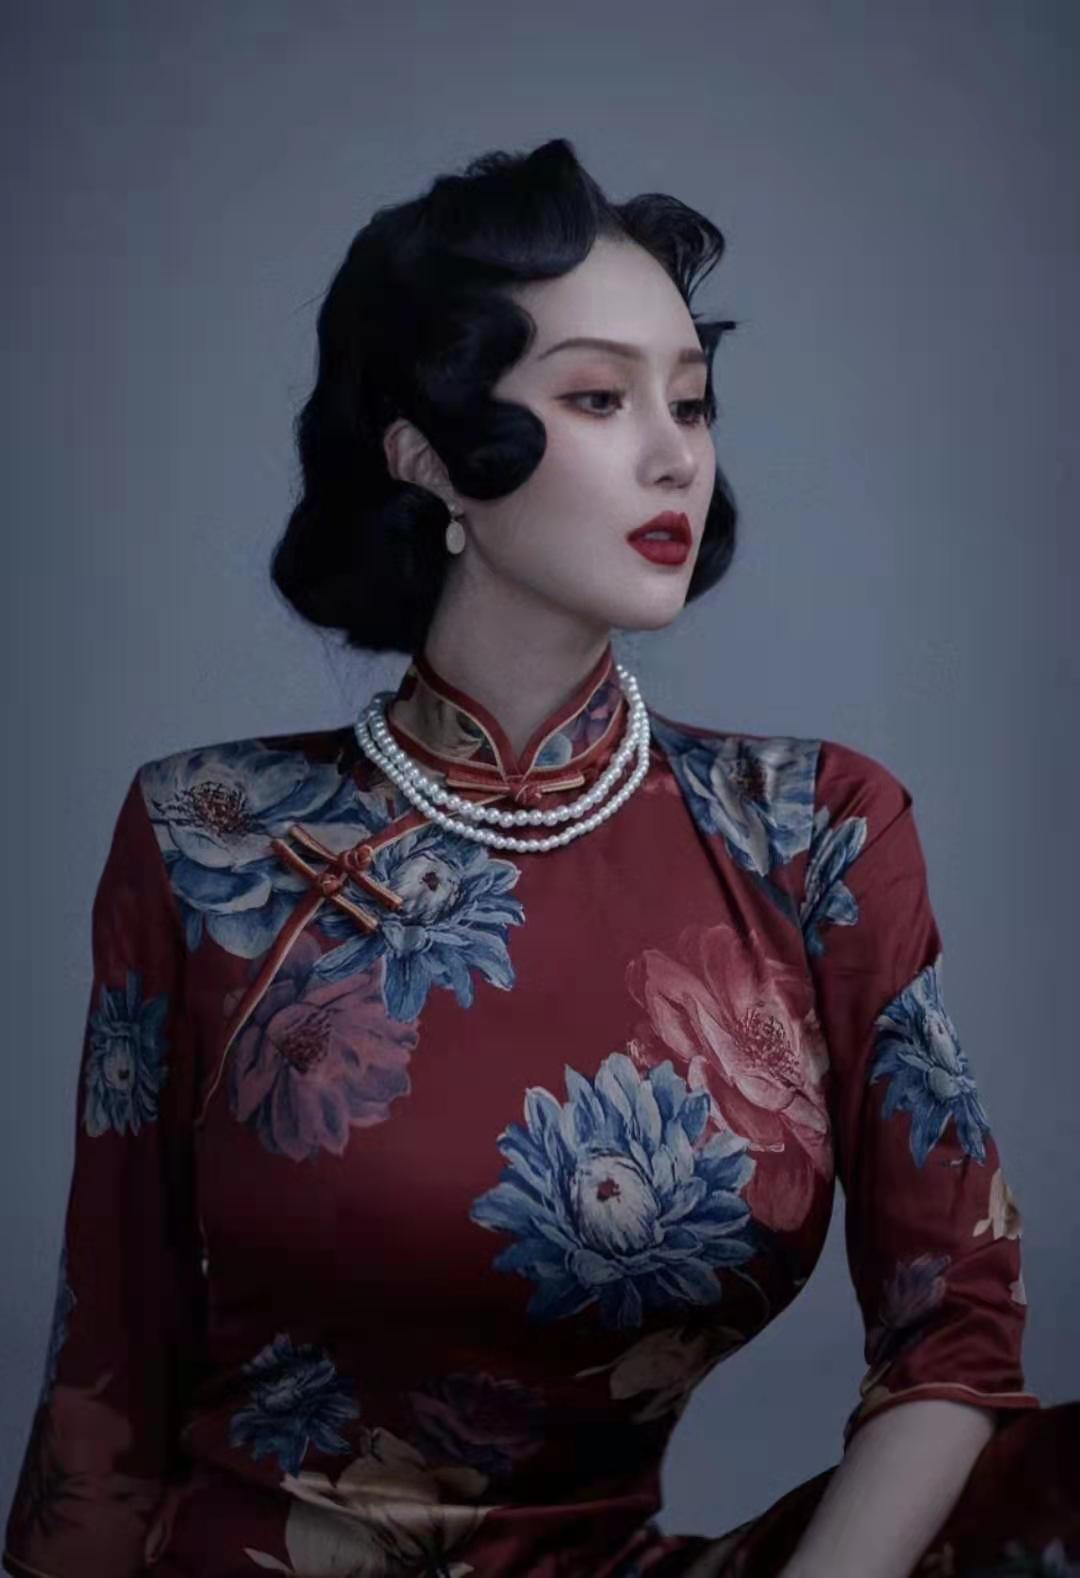 趙本山女兒直播自曝征婚條件, 曬寫真上圍傲人, P圖太假被吐槽-圖4